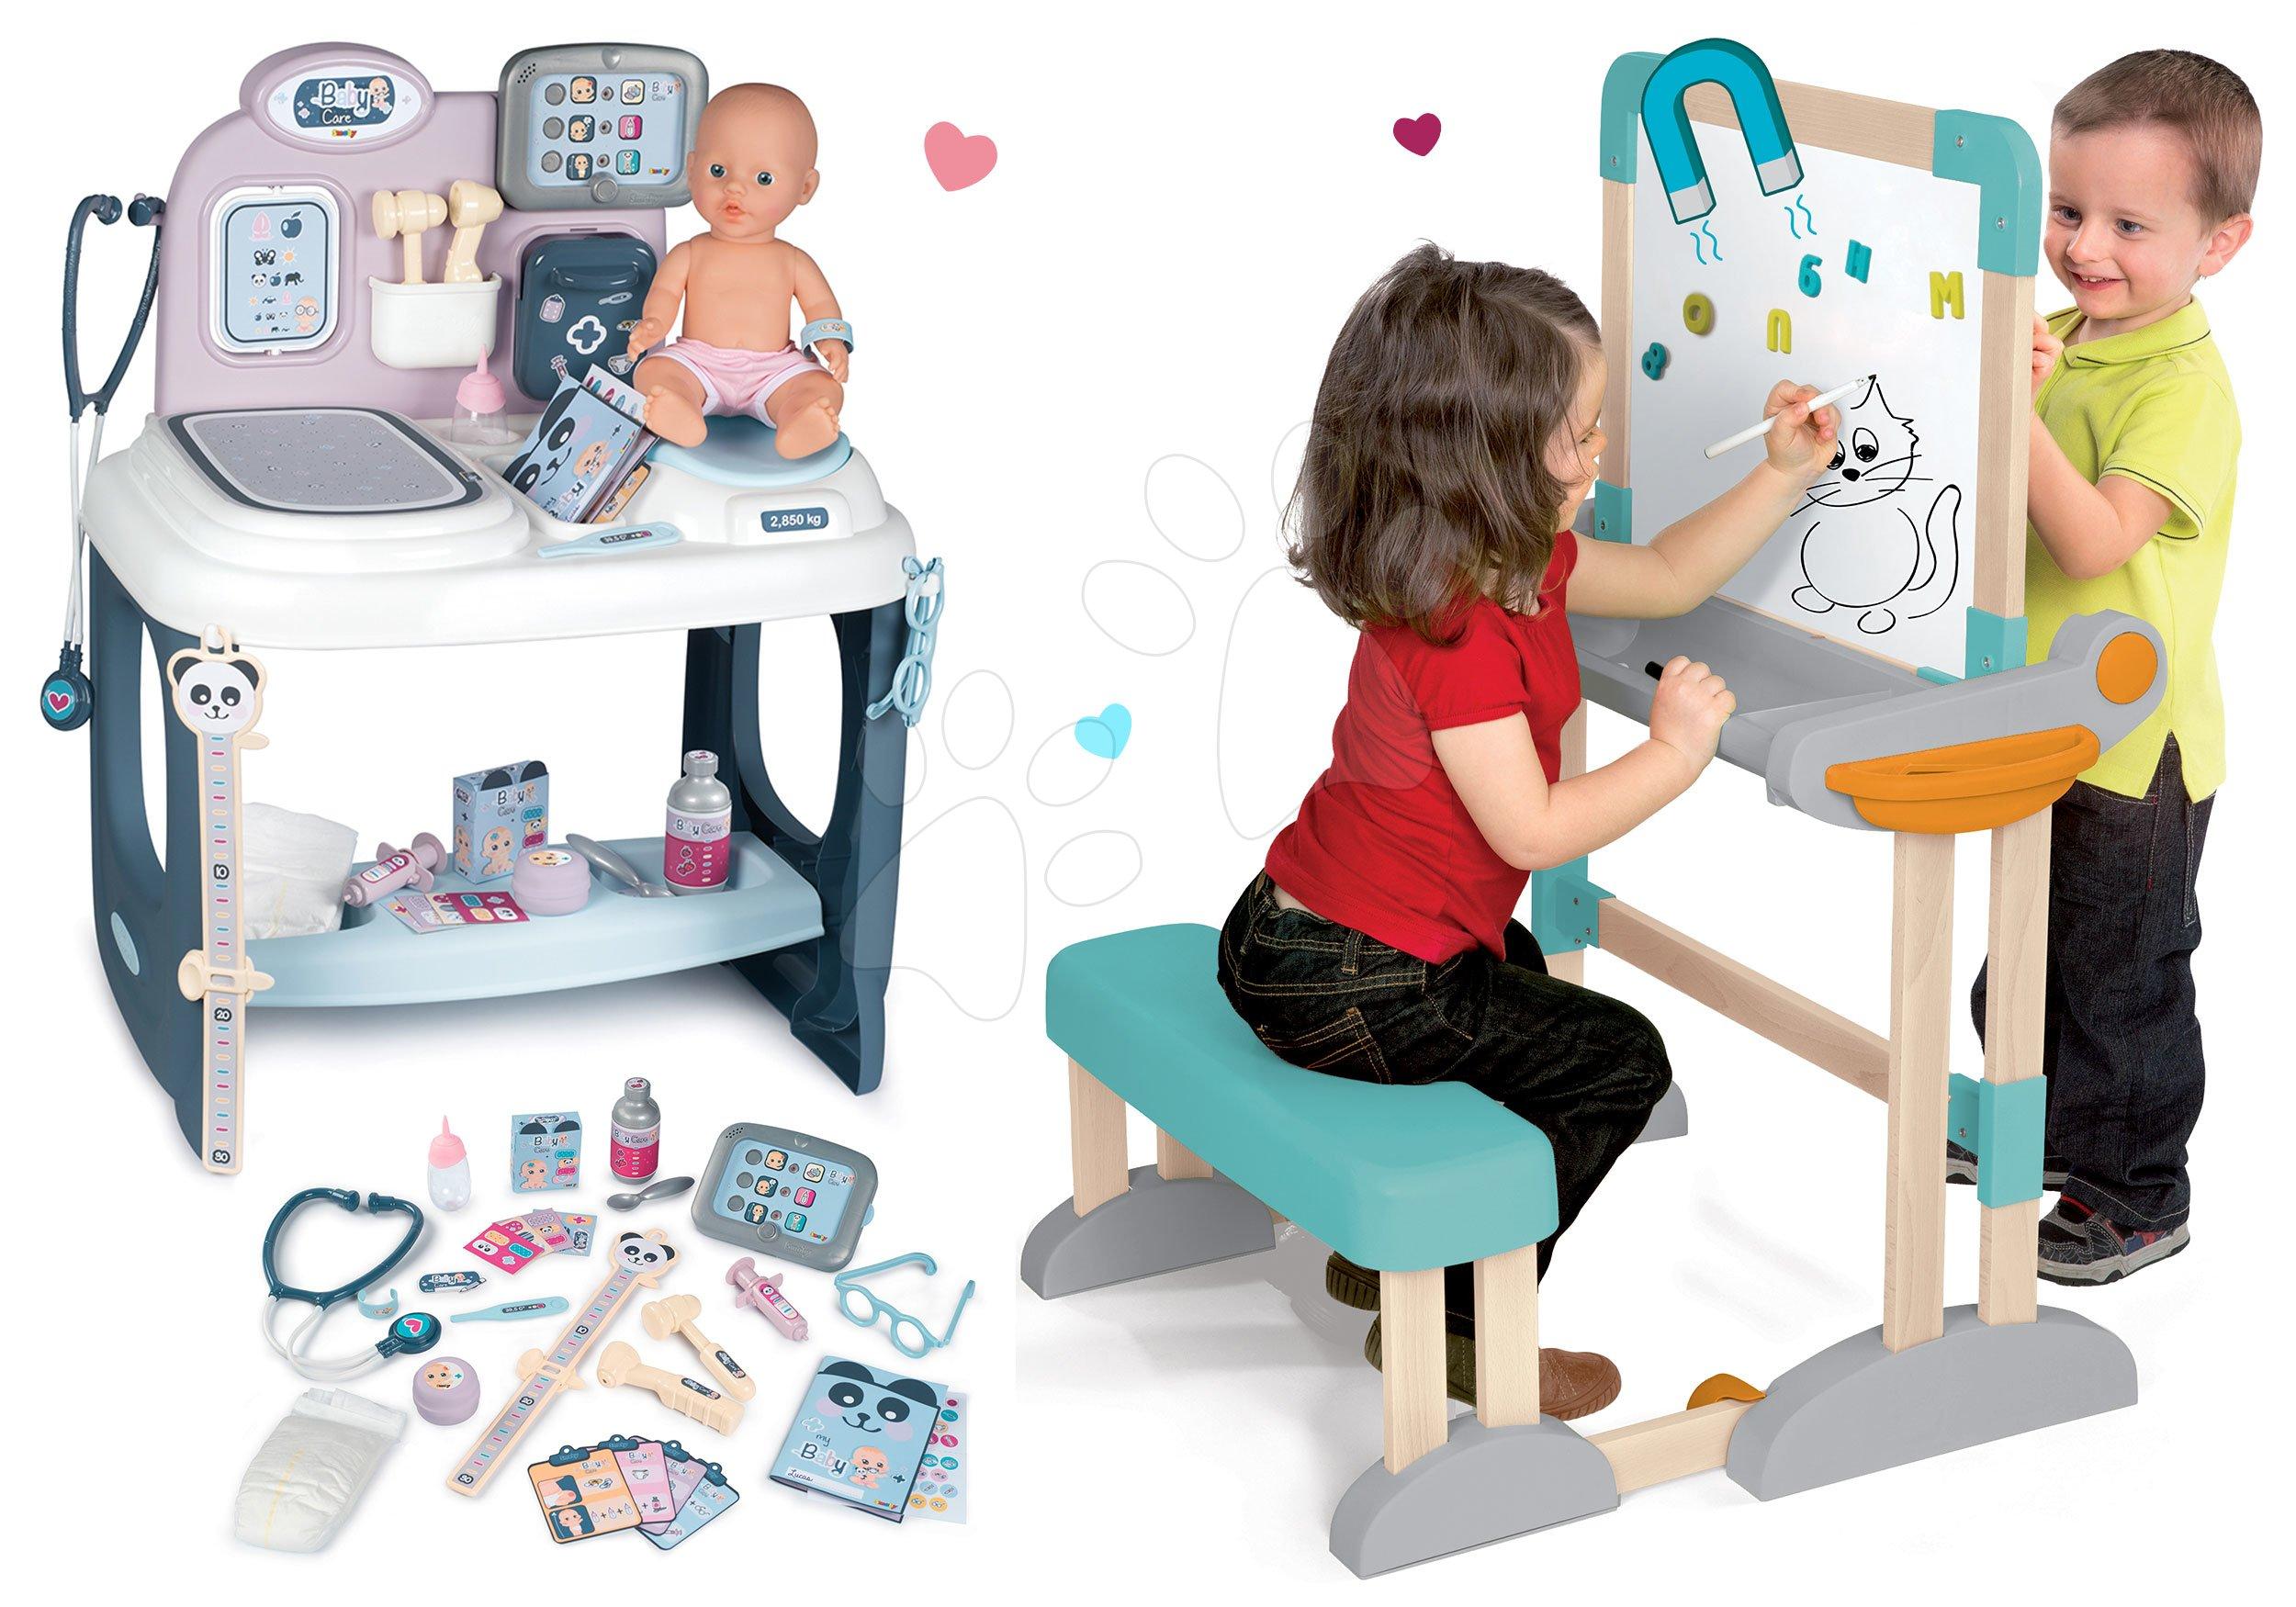 Set drevená lavica Modulo Space skladacia magnetická Smoby na kriedu a zdravotnícky pult pre lekára s cikajúcou bábikou